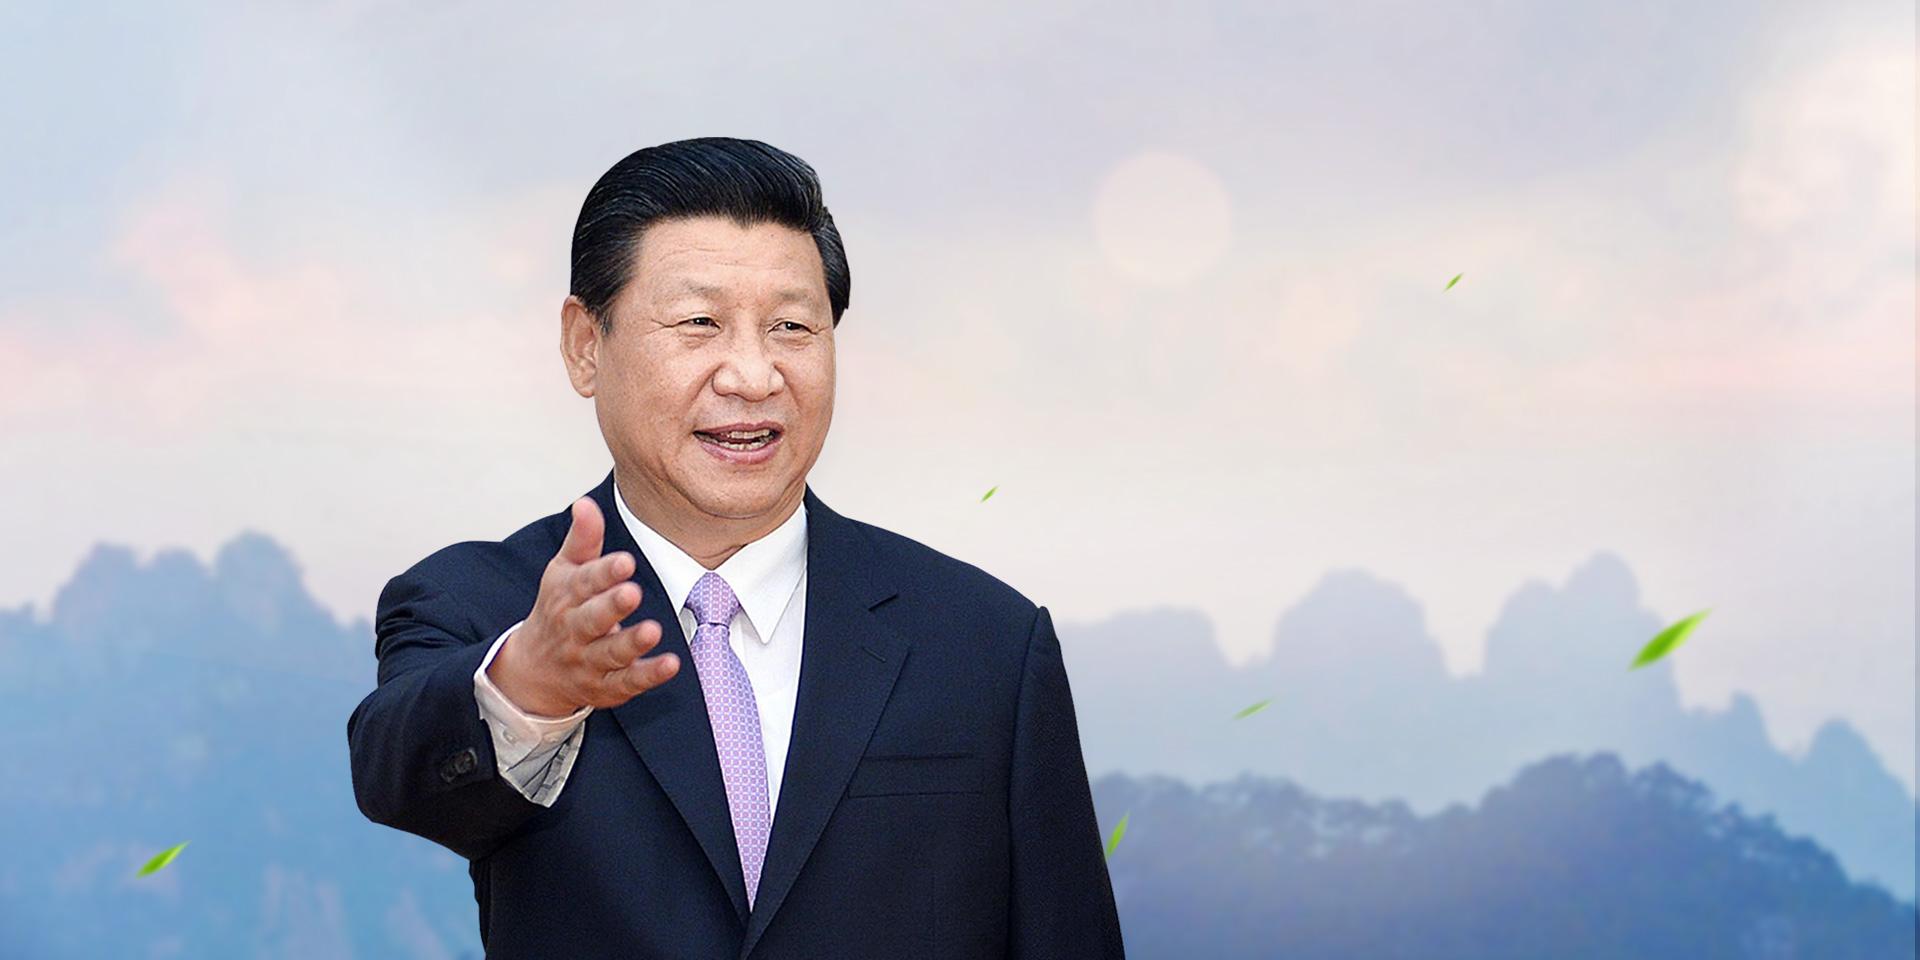 树立为祖国为人民永久奋斗、赤诚奉献的坚定理想。